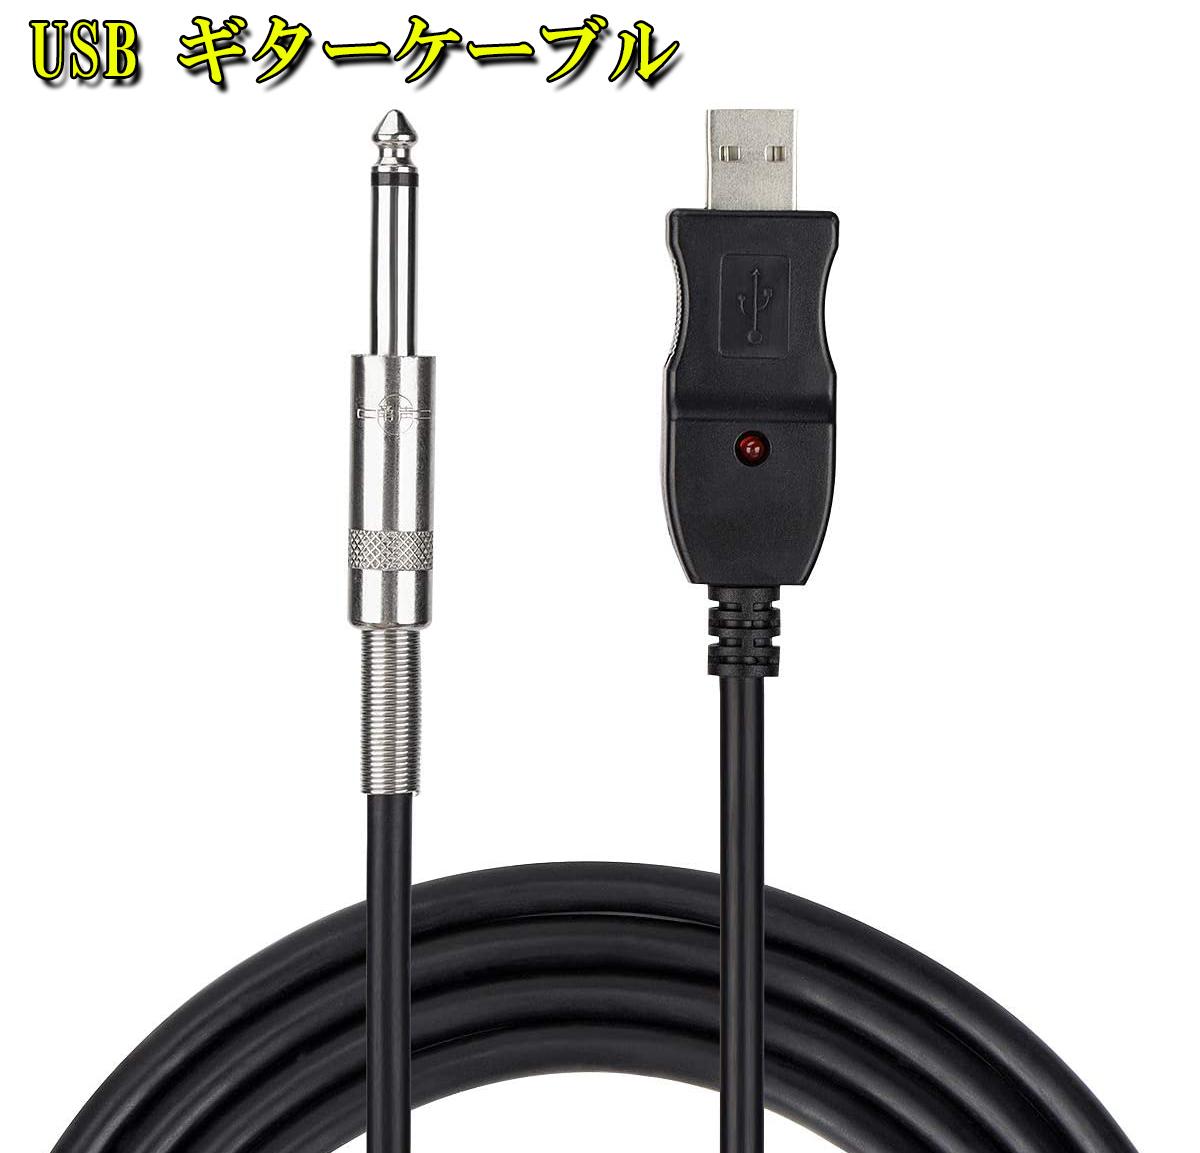 【送料無料】16ビット48 / 44.1 KHzデジタル品質サウンド入力!! USB ギターケーブル USBリンクケーブル楽器 PC 録音 3M ベースケーブル USB 録音ケーブル アダプタ コンバータ 接続機器 3M 6.5 MM ジャックコンピュータ 録音ケーブル PC Mac録音